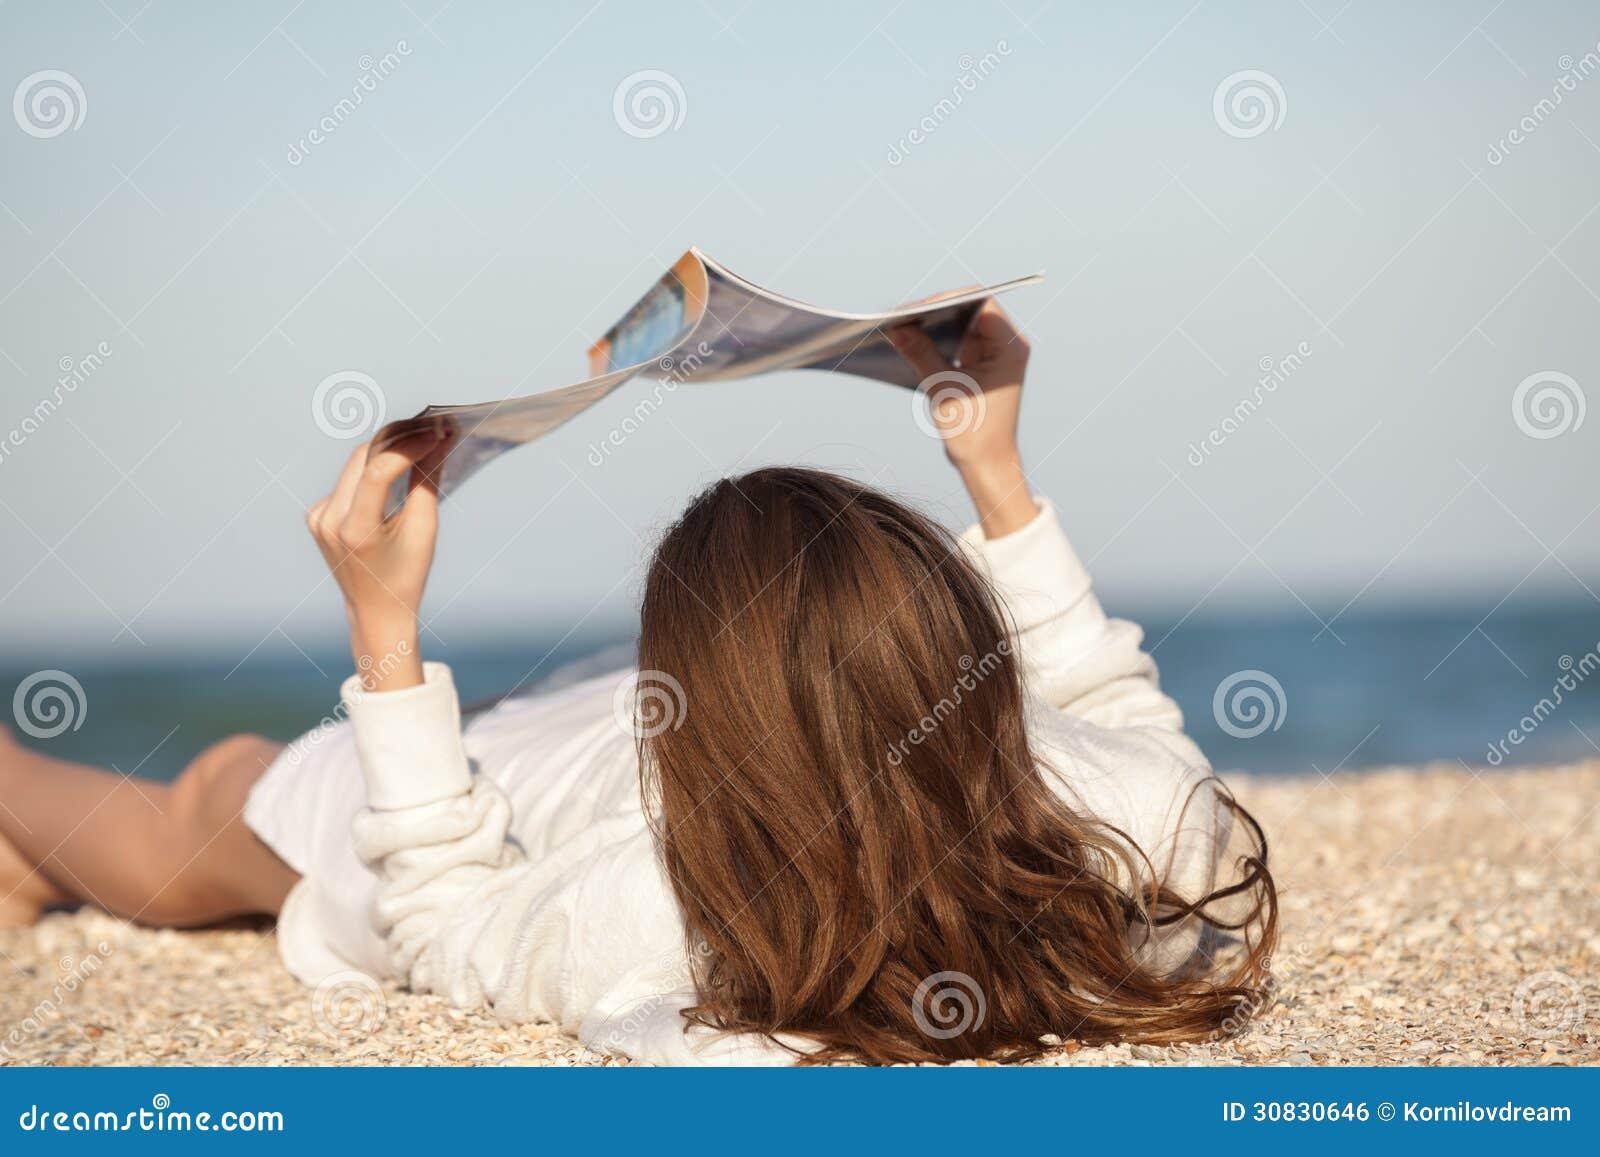 Rivista della lettura della donna sulla spiaggia